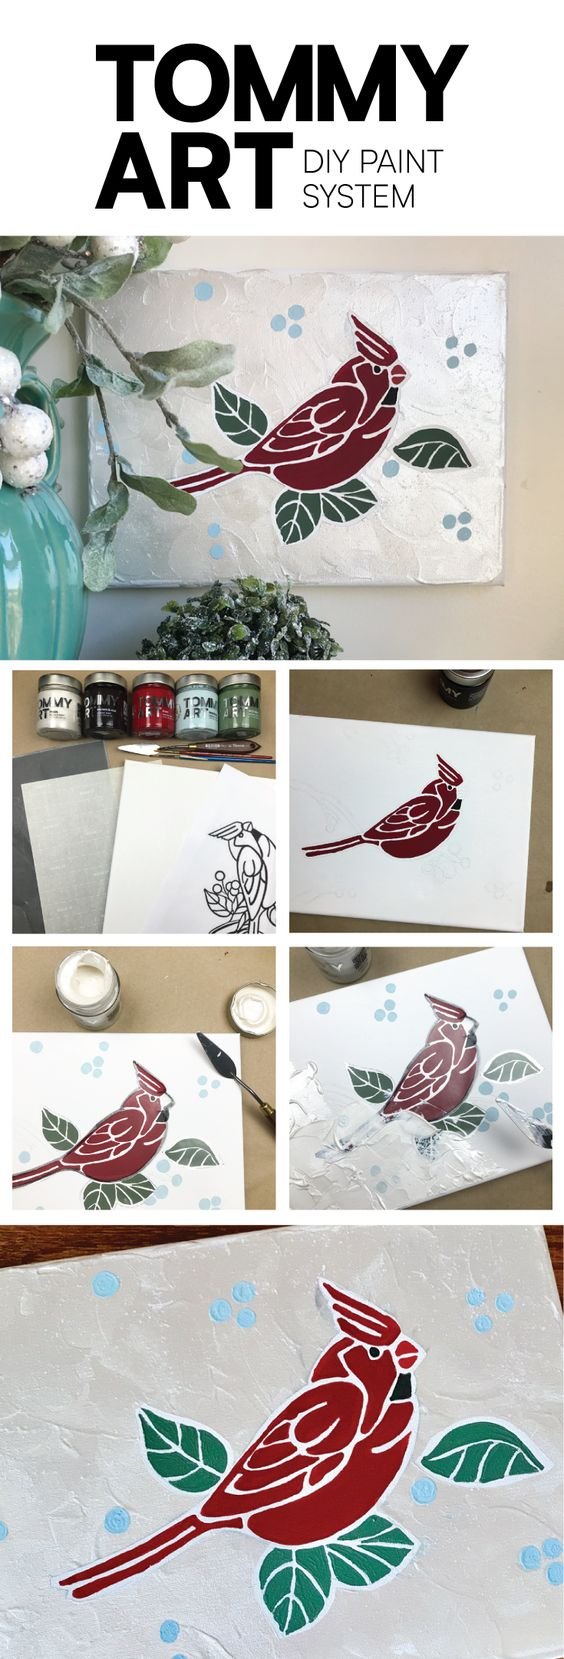 cardinal-wall-art-tommy-art-pin.jpg